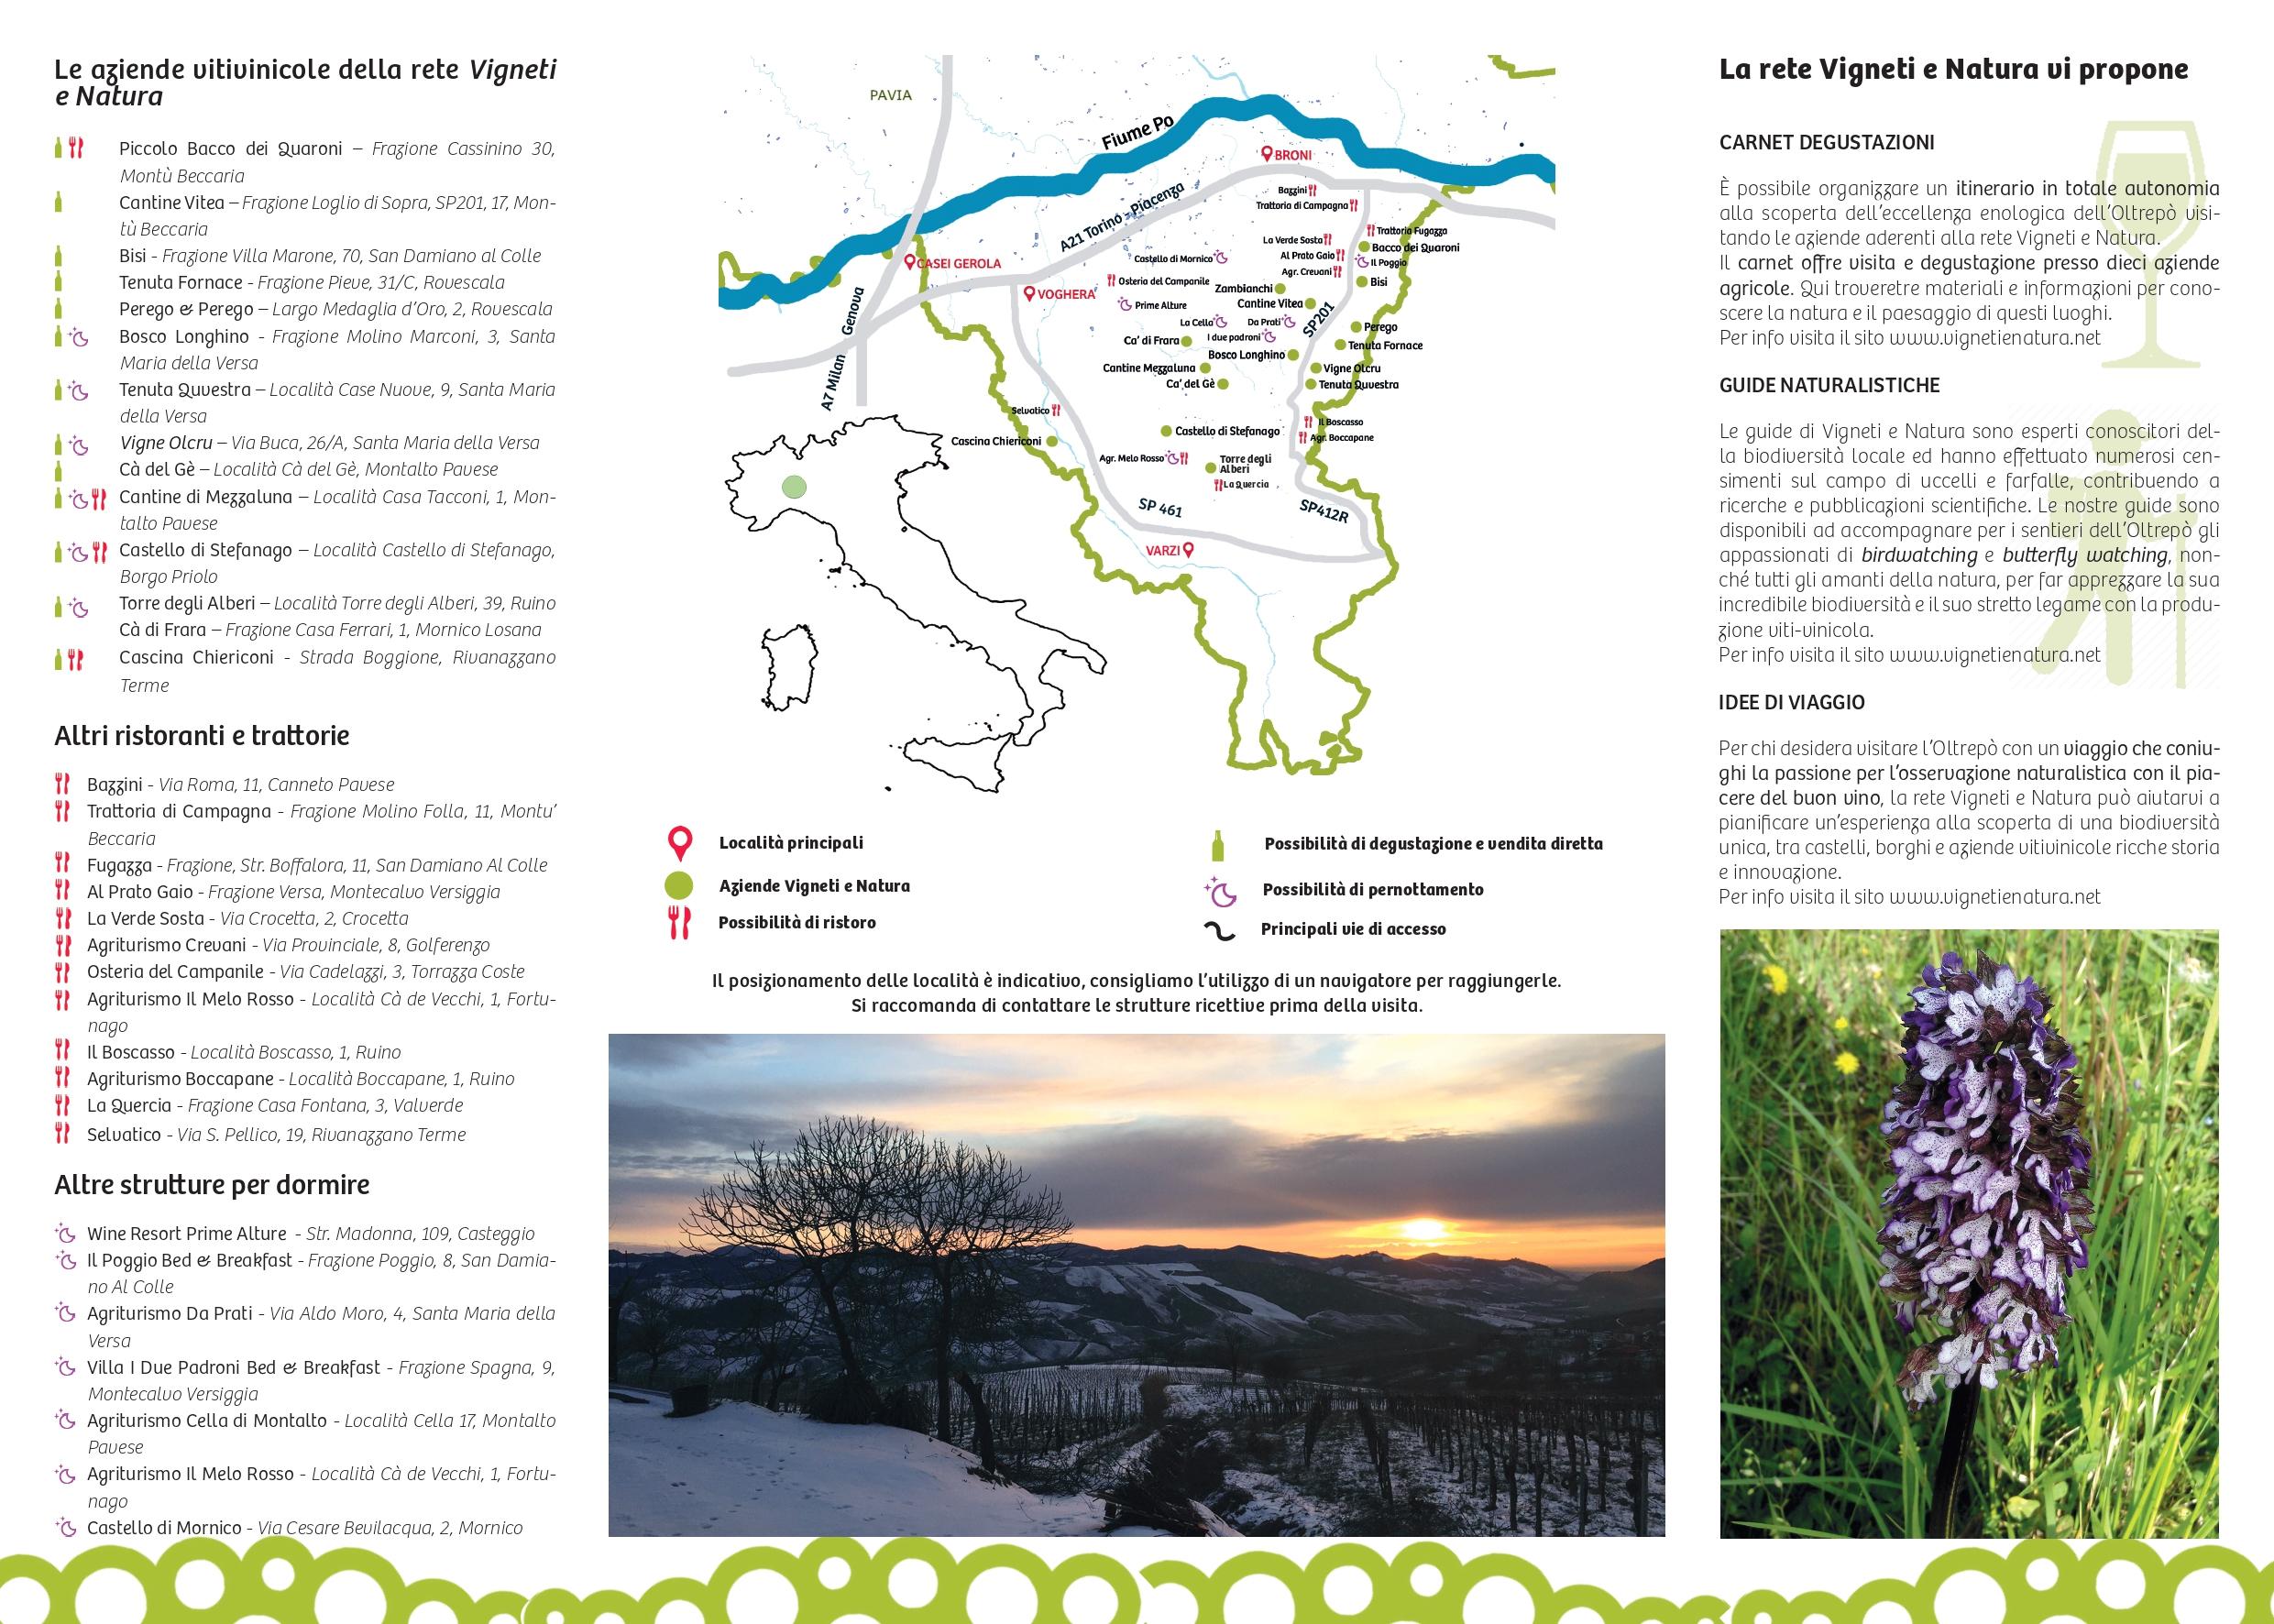 VolantinoTuristico_Oltrepo ver 21-5-19int_page-0001